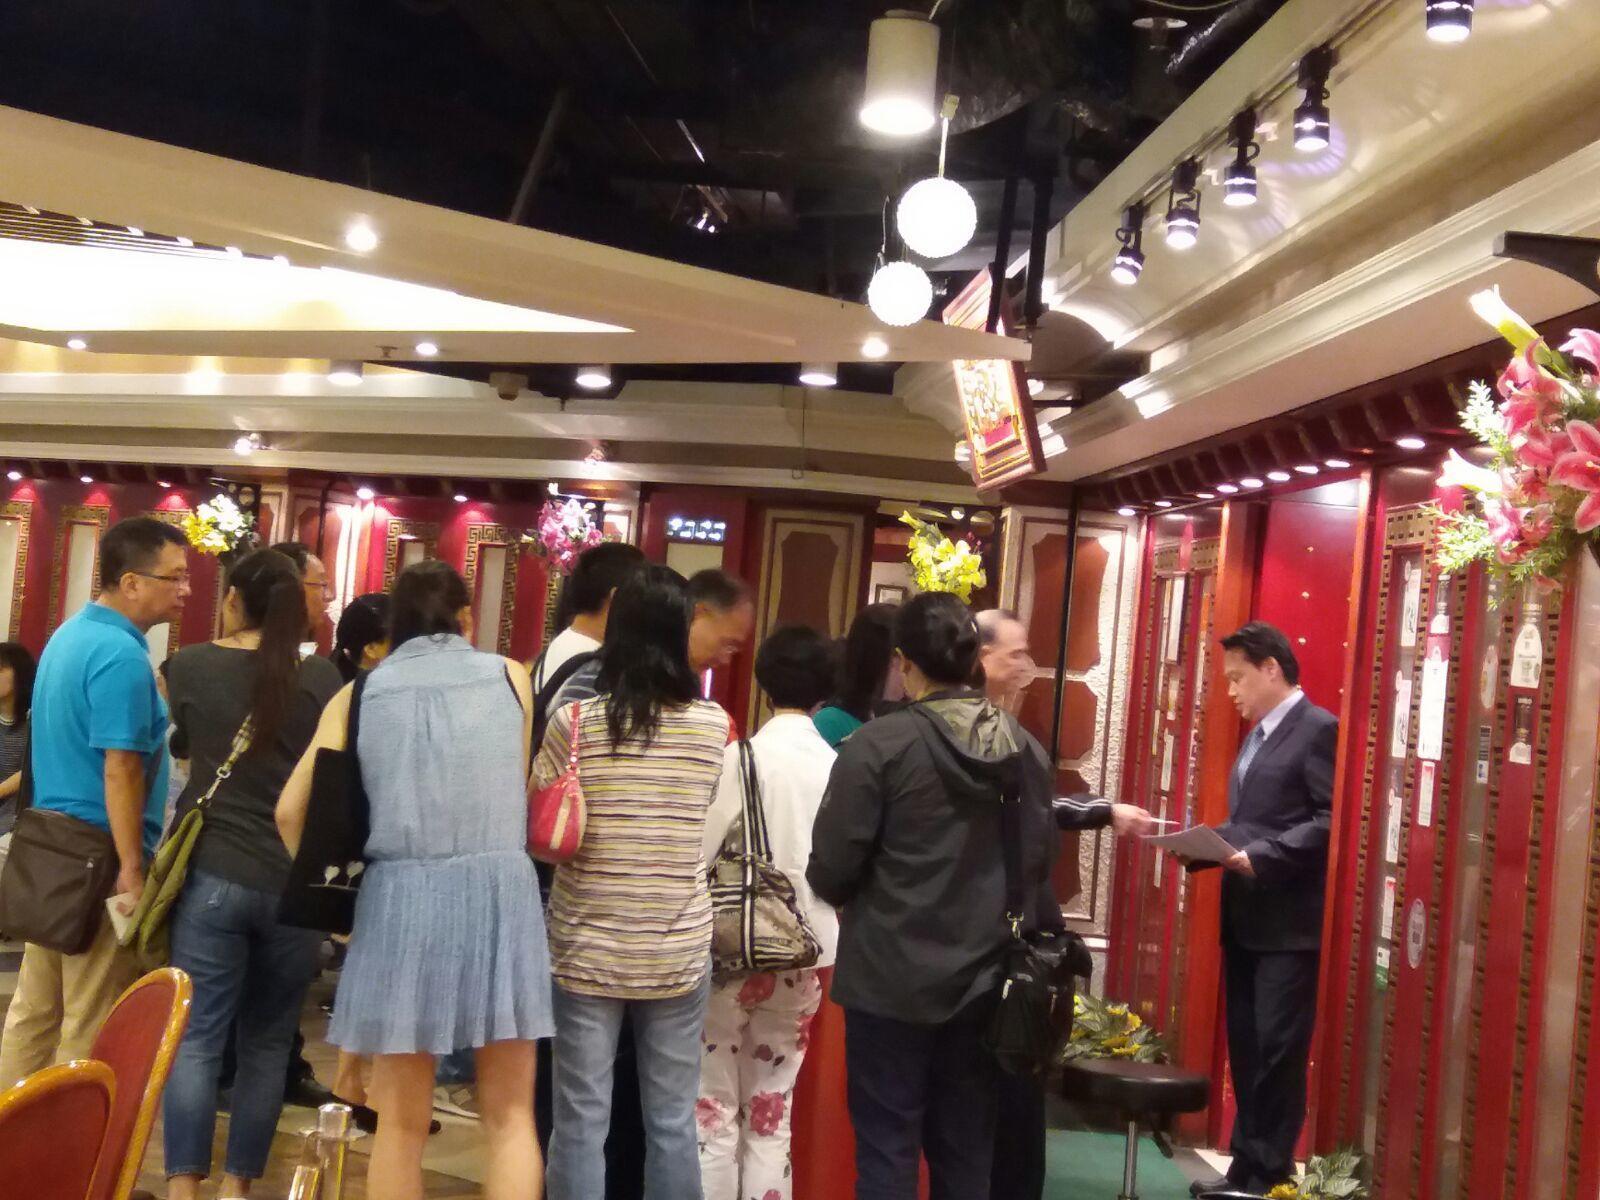 老字號餐廳詠藜園餐廳老闆楊太透露,父親節十天前已經訂滿了席位,當晚餐廳大排長龍。(詠藜園提供)